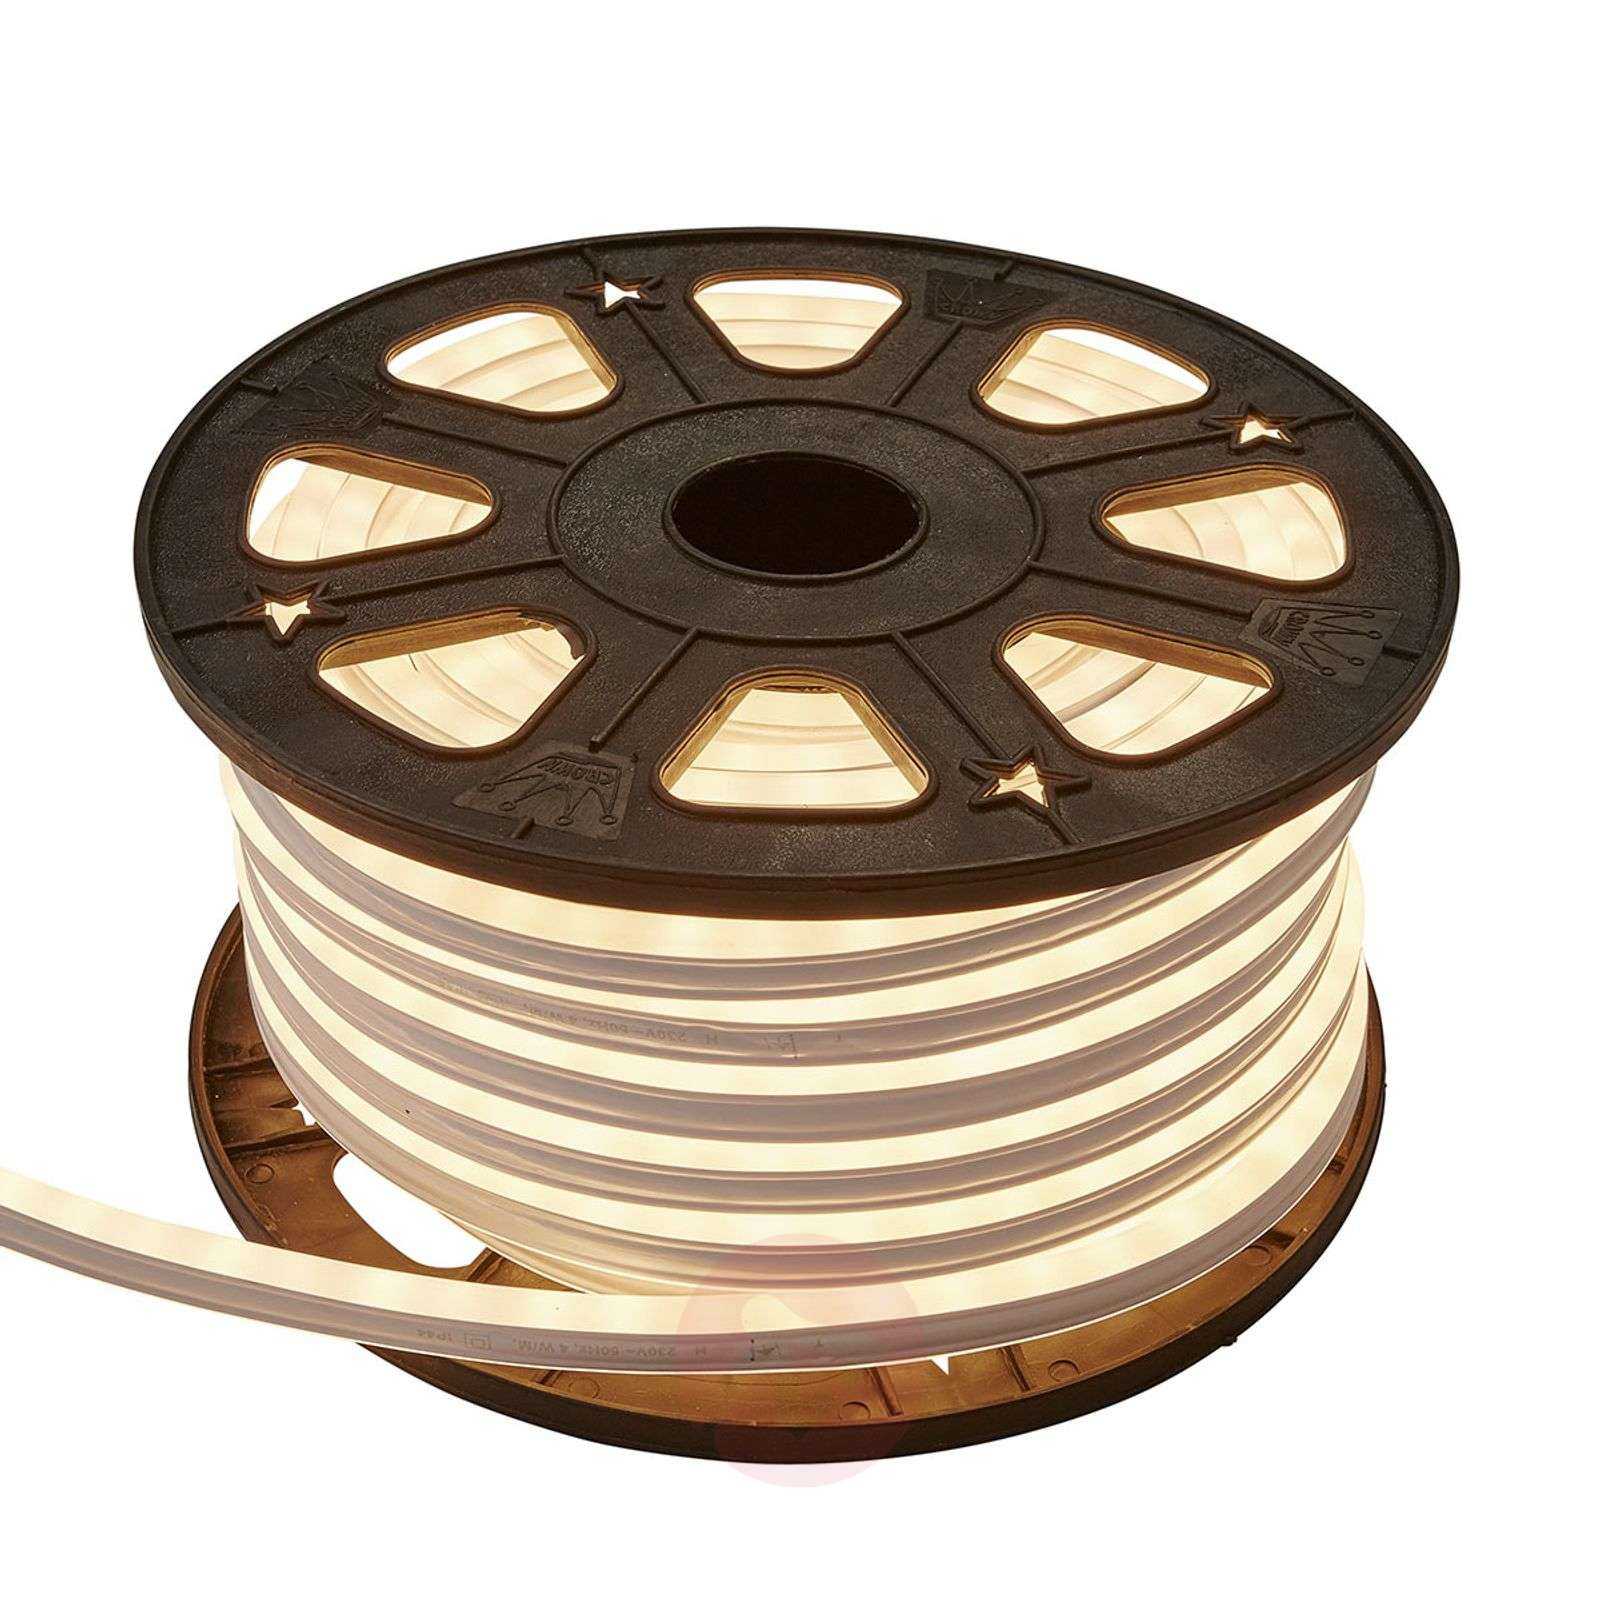 LED-valokaapeli NEOLED REEL-1523409X-02